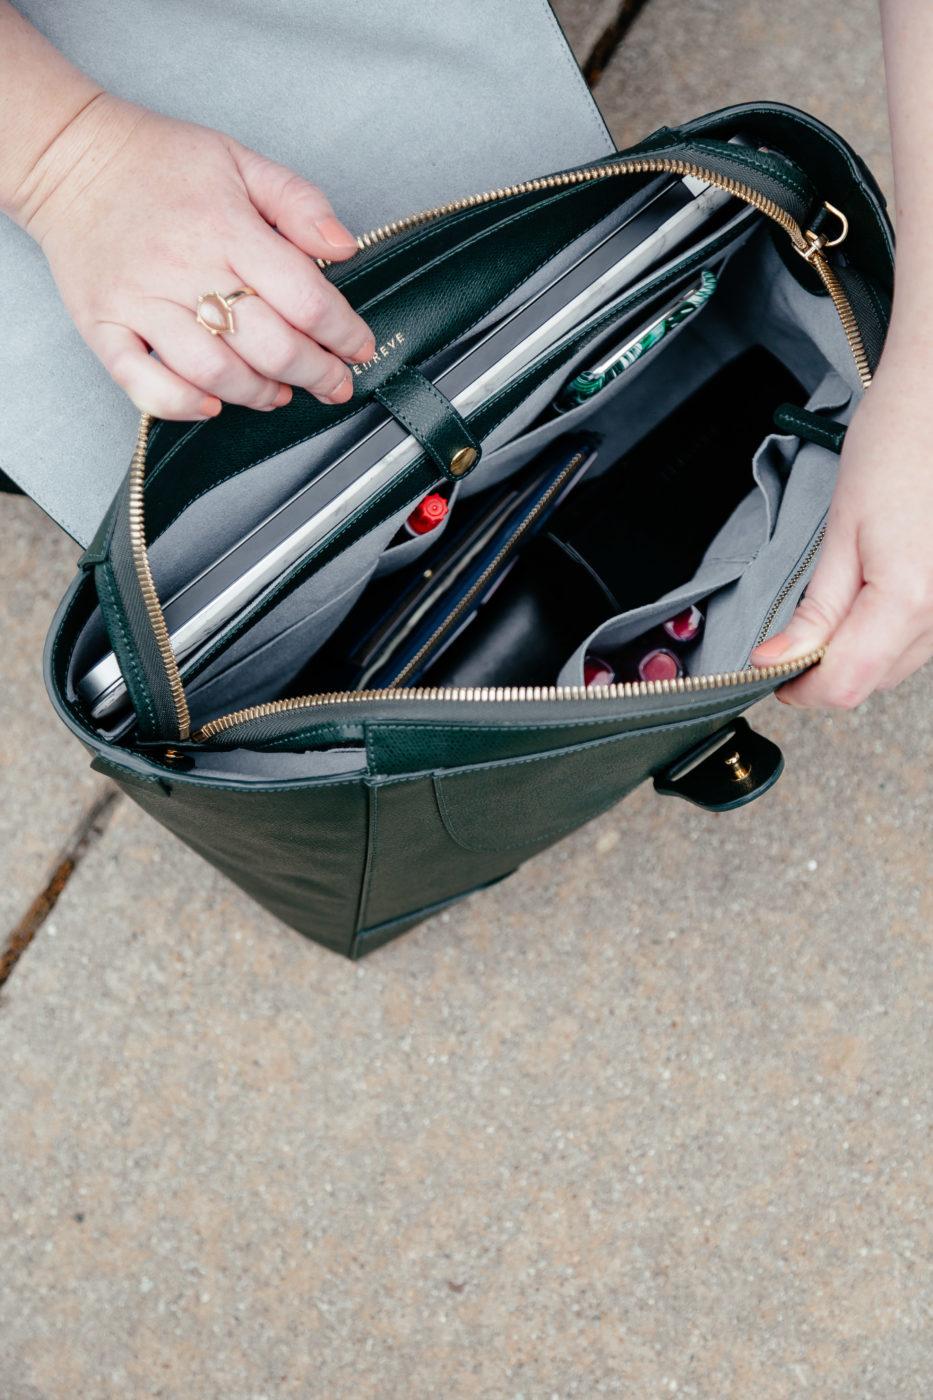 Senreve Maestra Bag | Green Handbag | Best Bags for Organization | Best Bags for Travel via Glitter & Spice